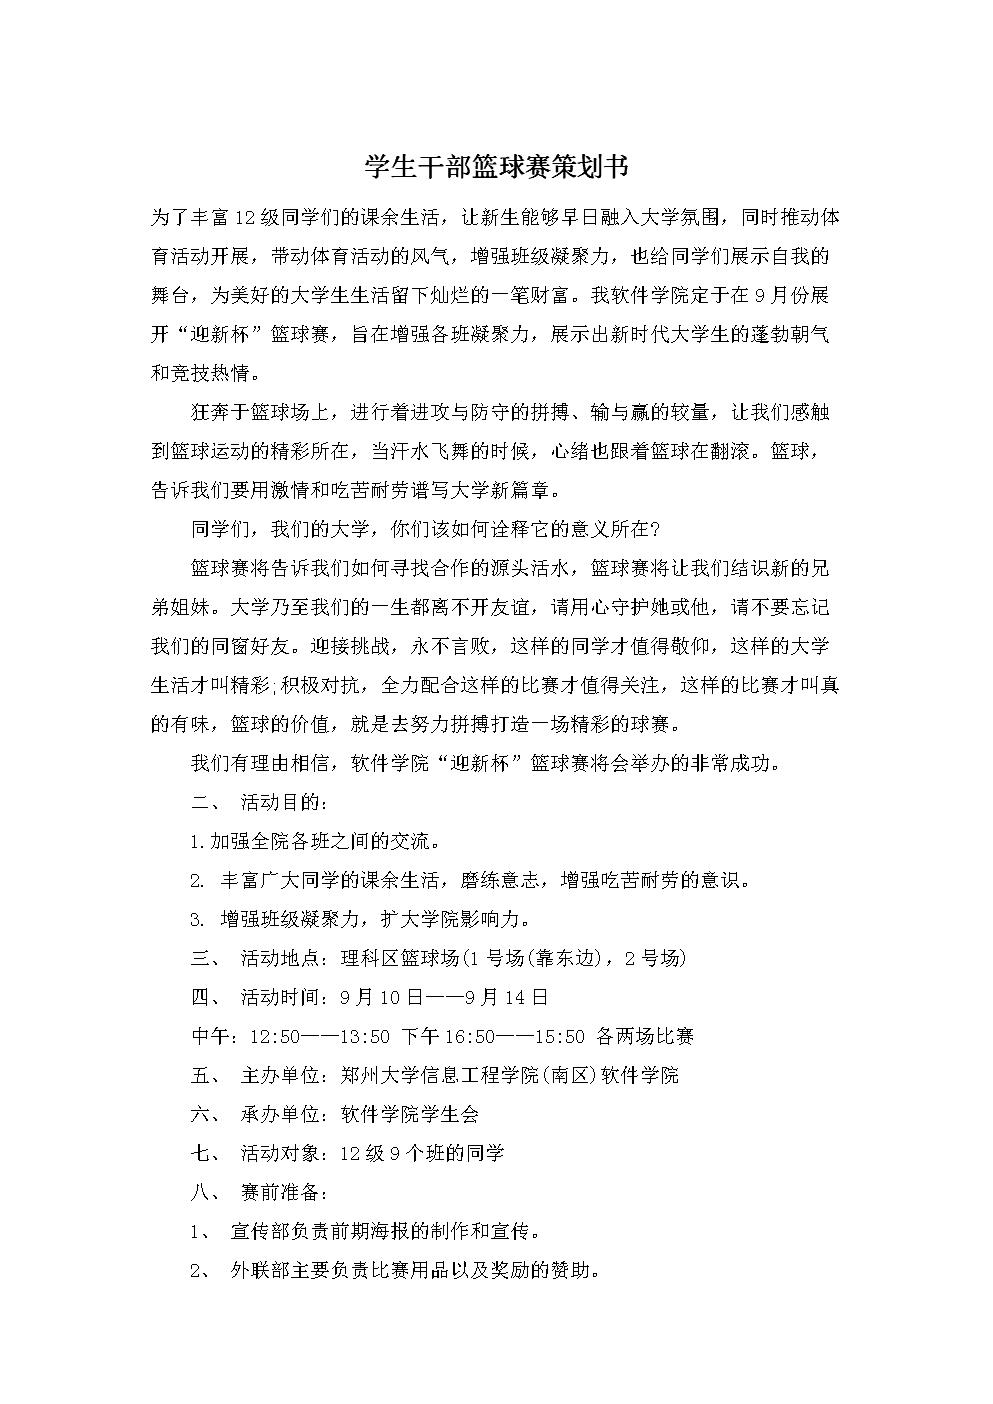 学生干部篮球赛策划书.doc